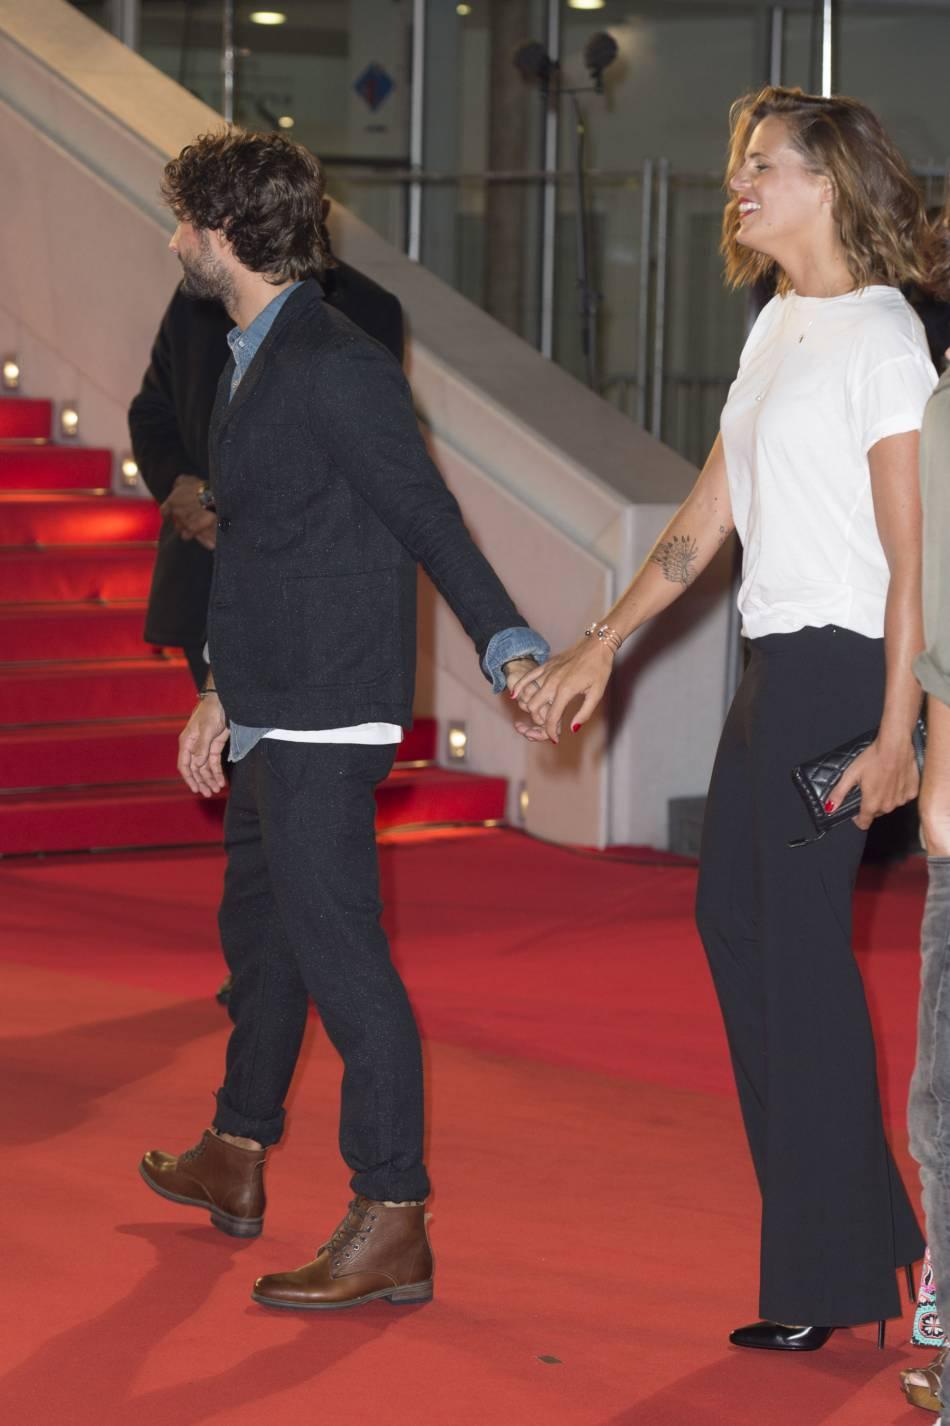 Laure Manaudou et son compagnon Jérémy Frérot, main dans la main aux NRJ Music Awards 2015 au Palais des Festivals à Cannes, le 7 novembre 2015.